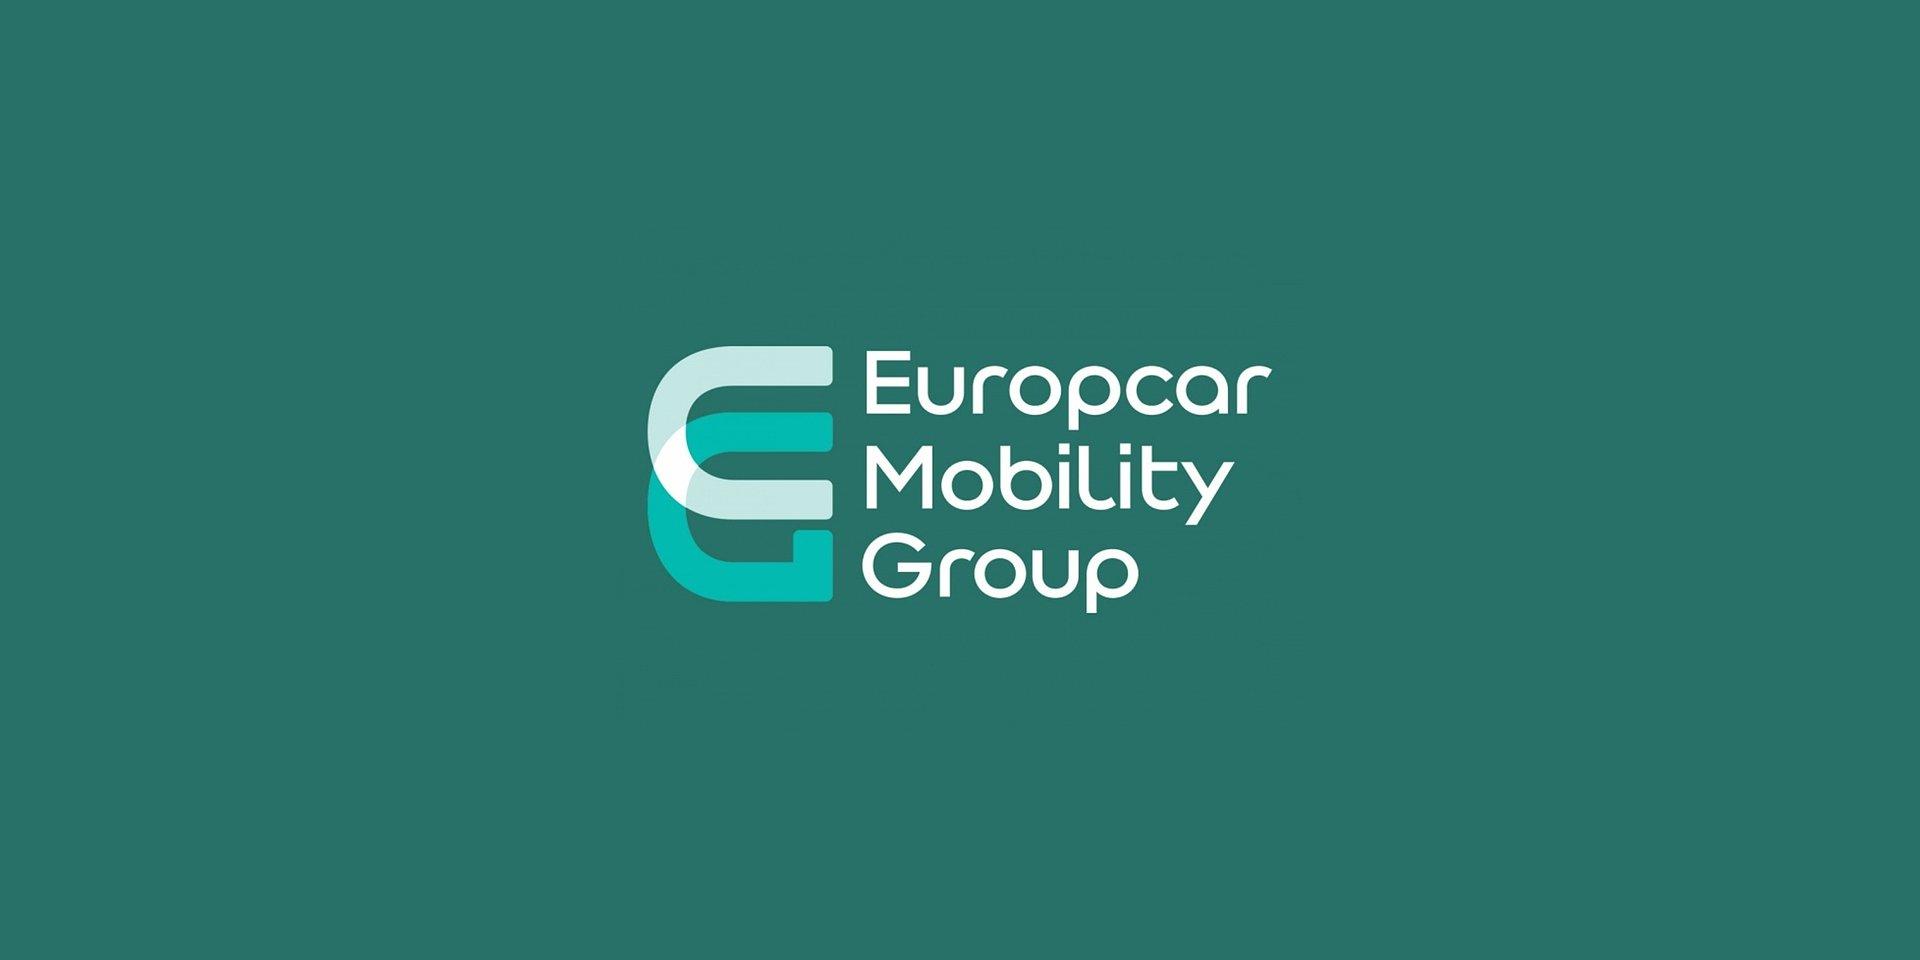 Europcar Mobility Group lança novas soluções flexíveis de aluguer de veículos para empresas